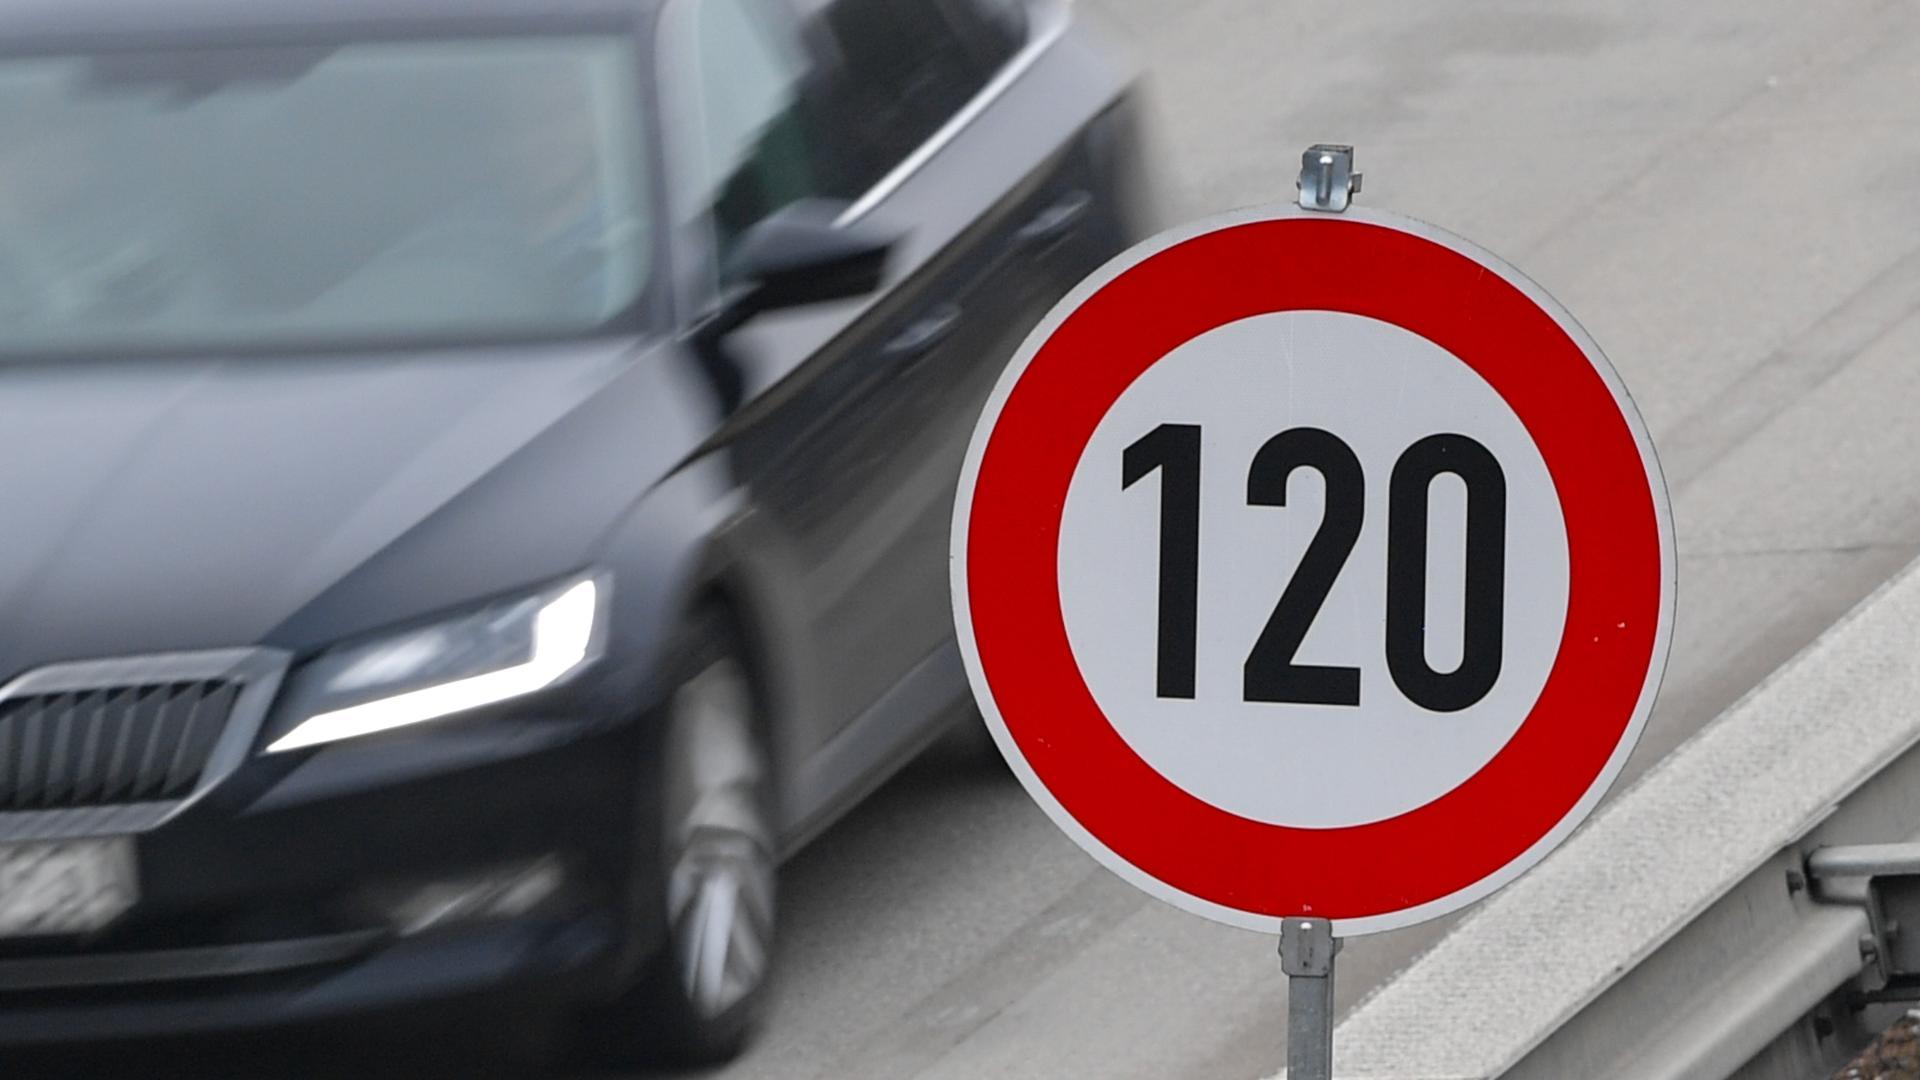 Auf der Autobahn steht ein Schild zur Höchstgeschwindigkeit von 120 Stundenkilometern.